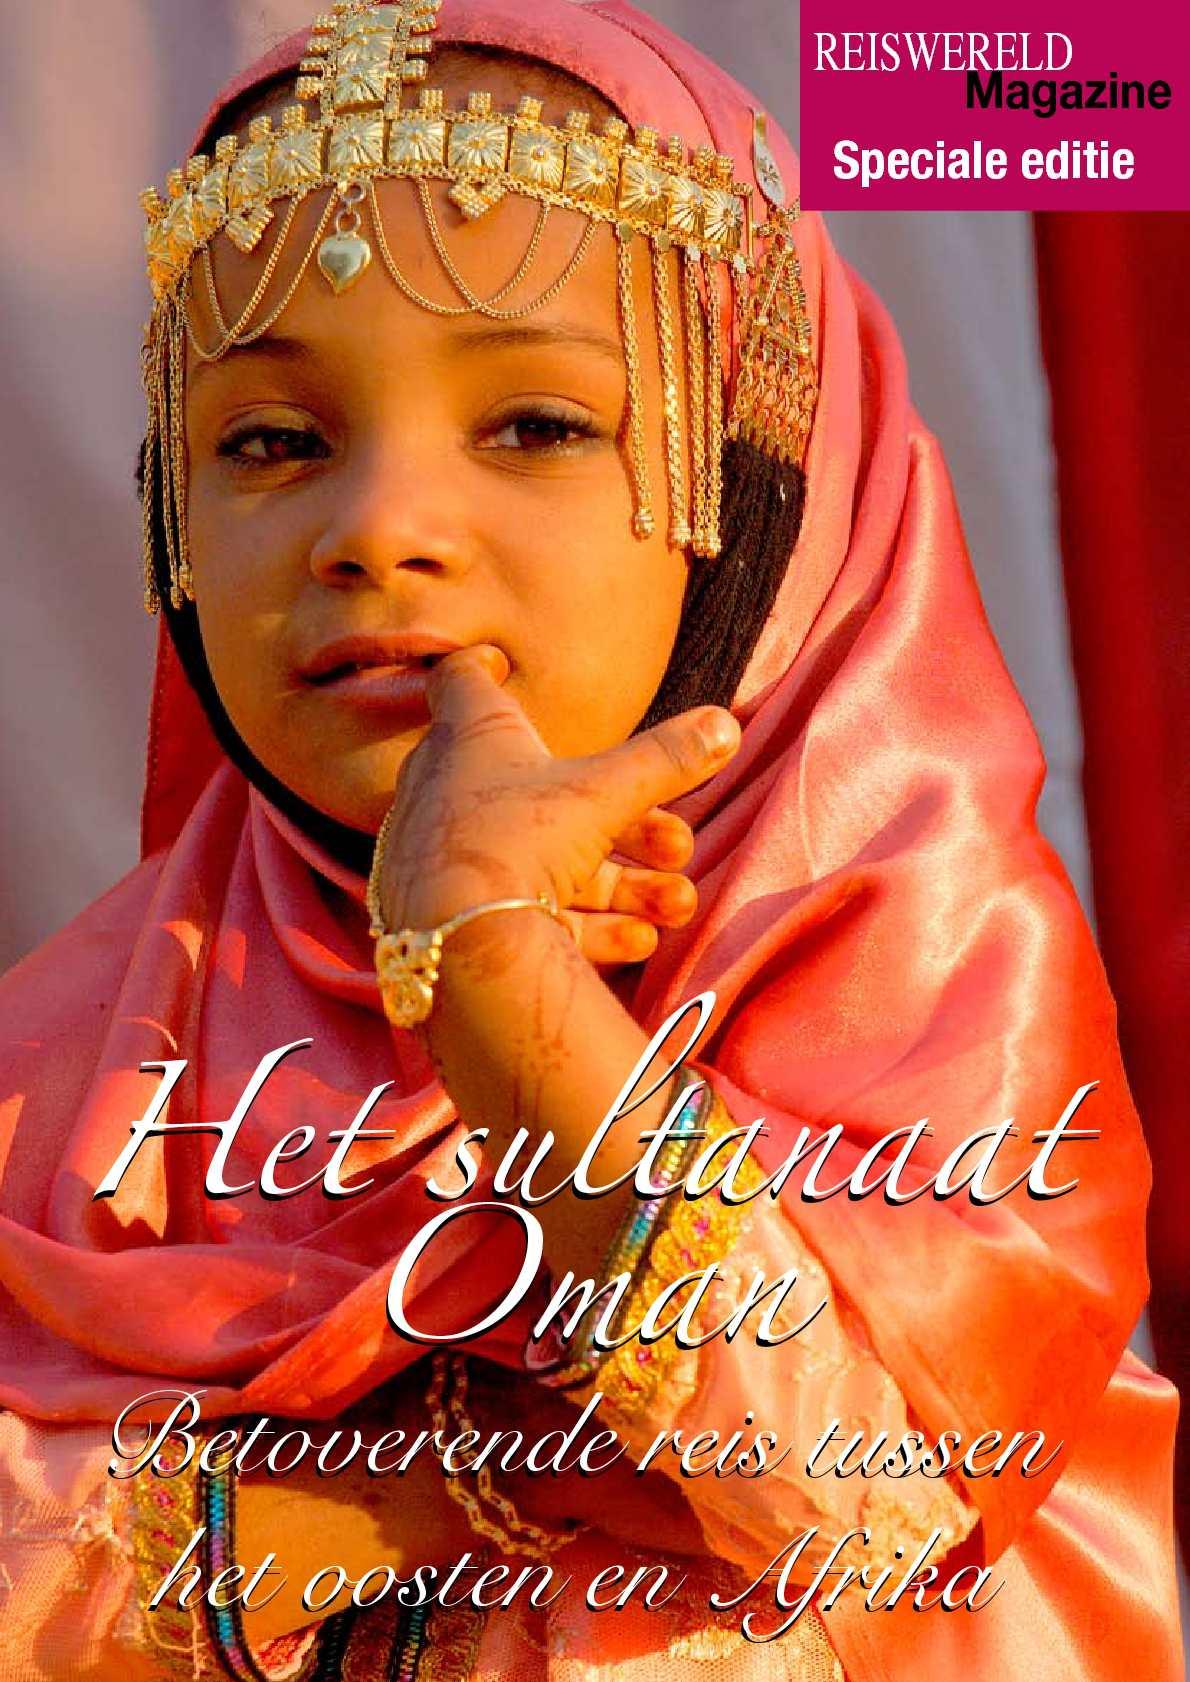 Reportage naar Oman van Reiswereld Magazine.be